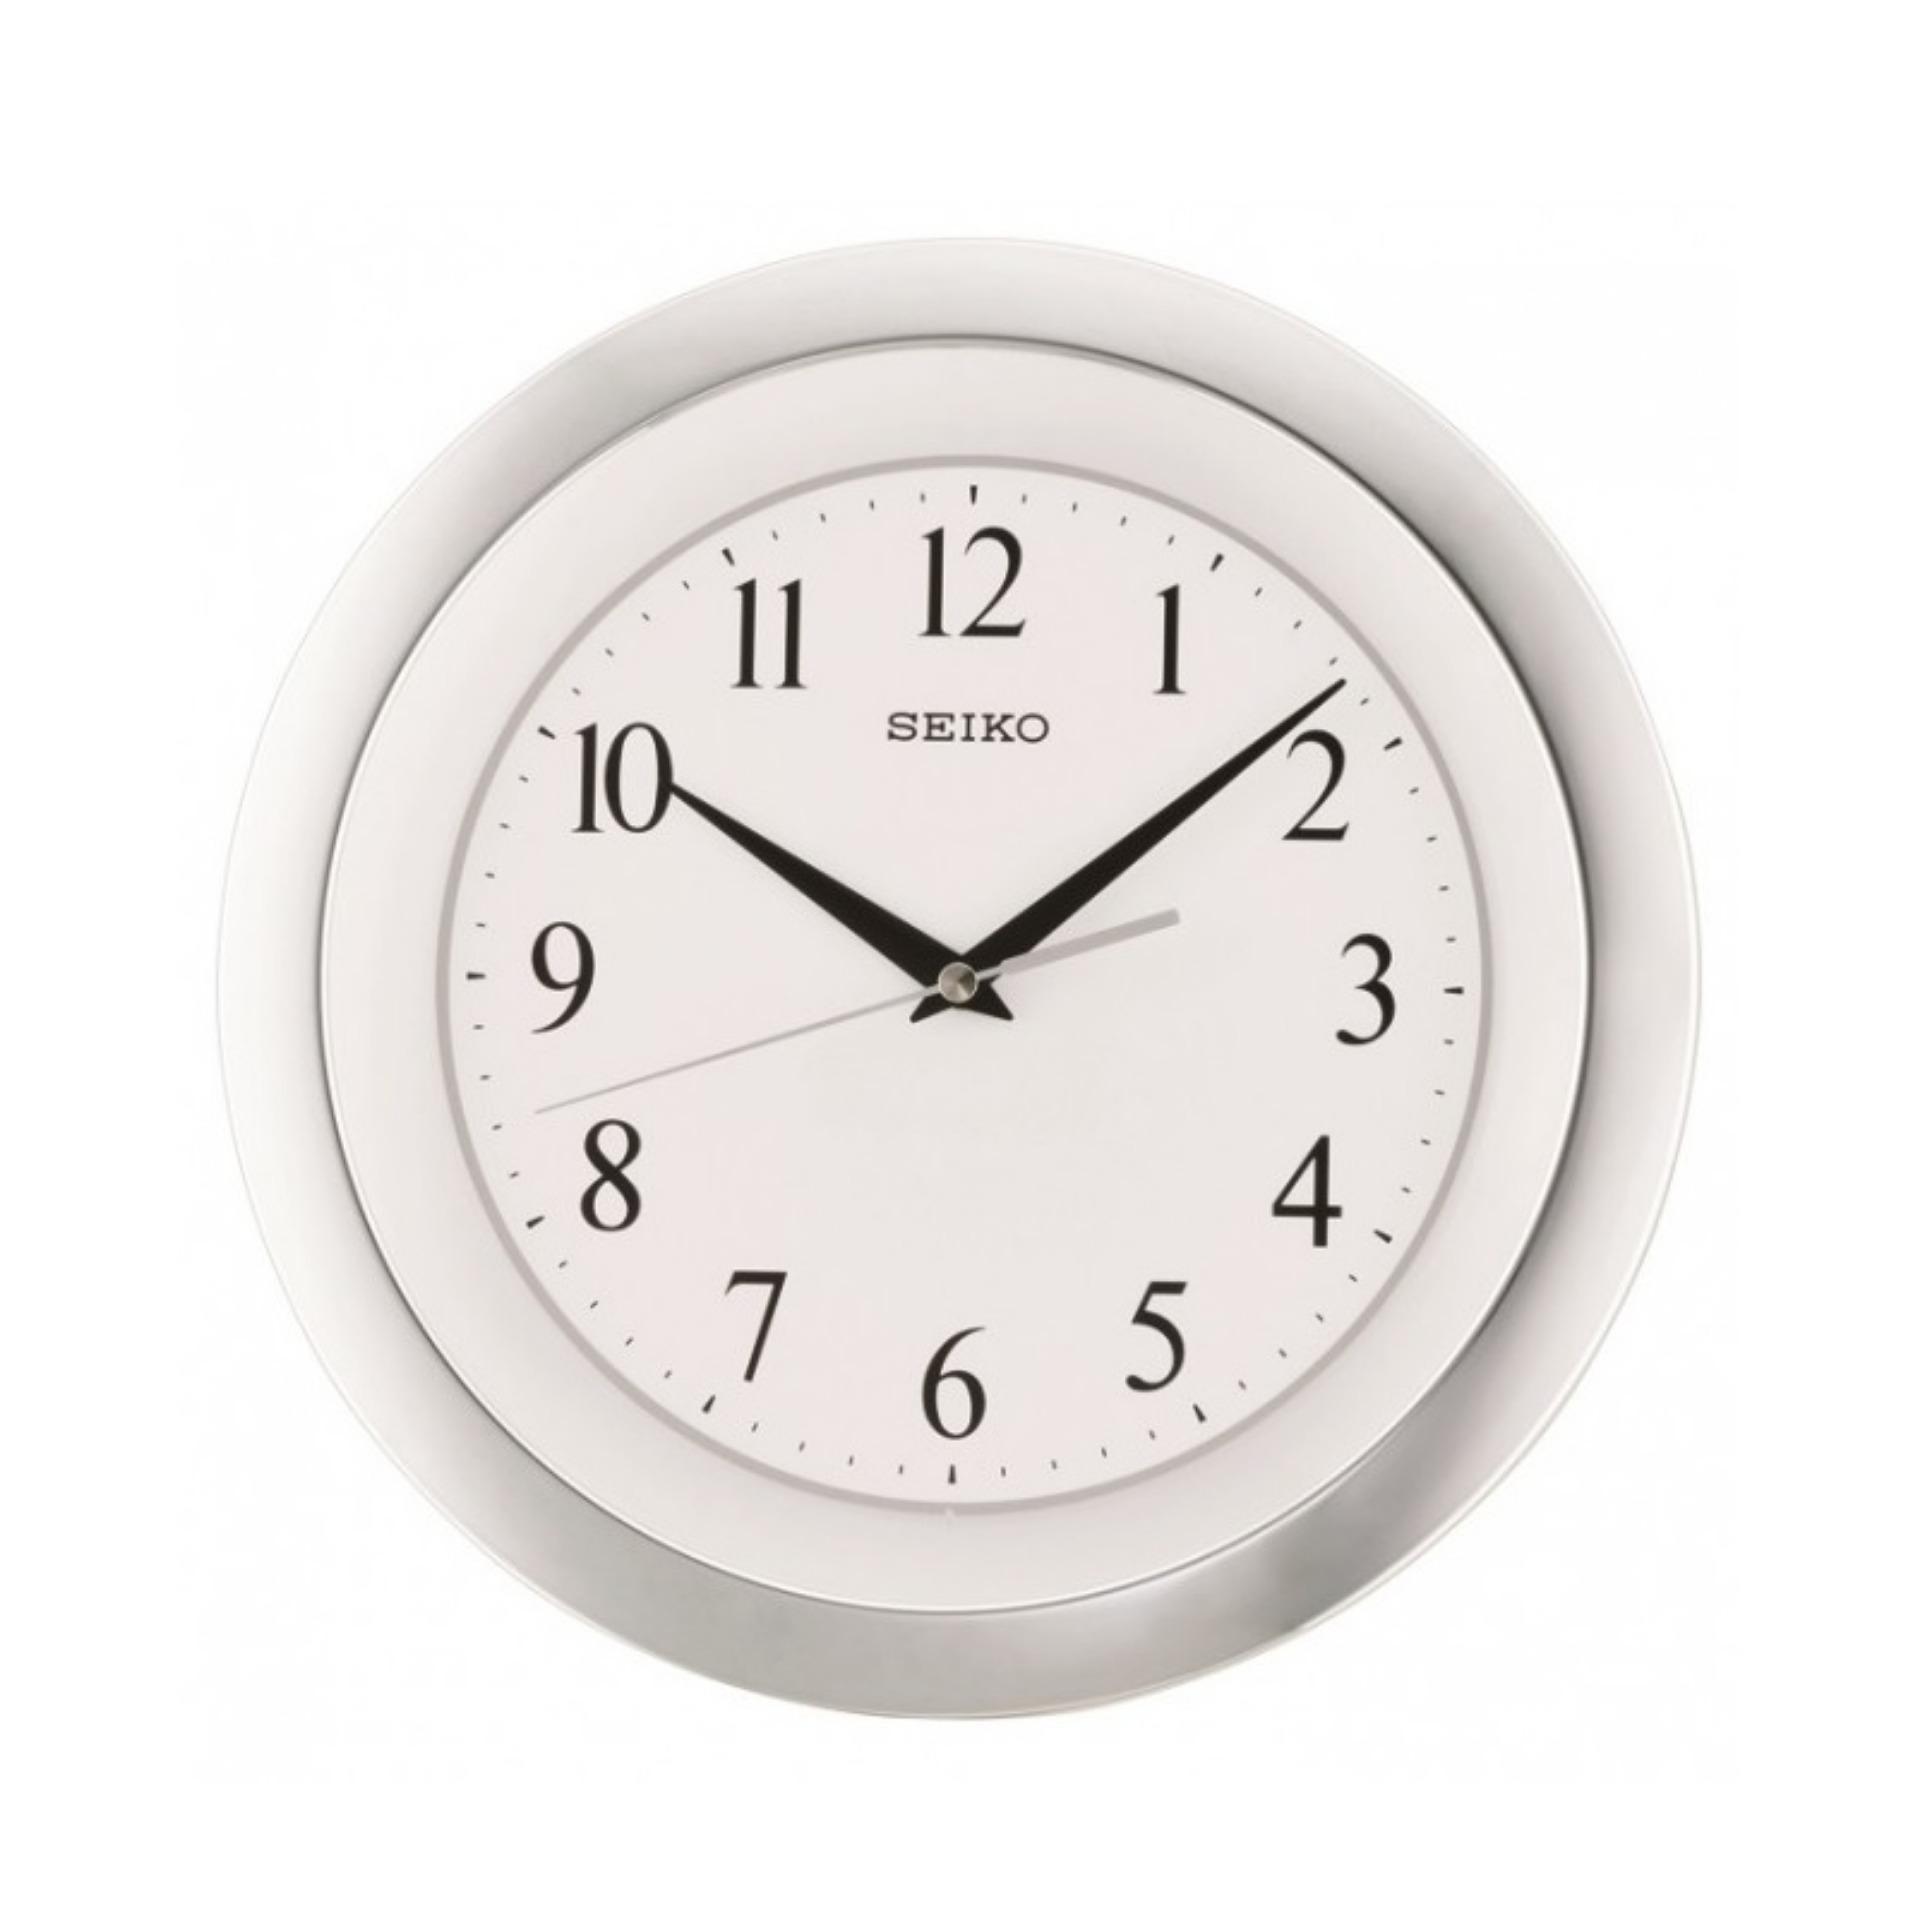 Seiko Qxa635s Analog Wall Clock Singapore